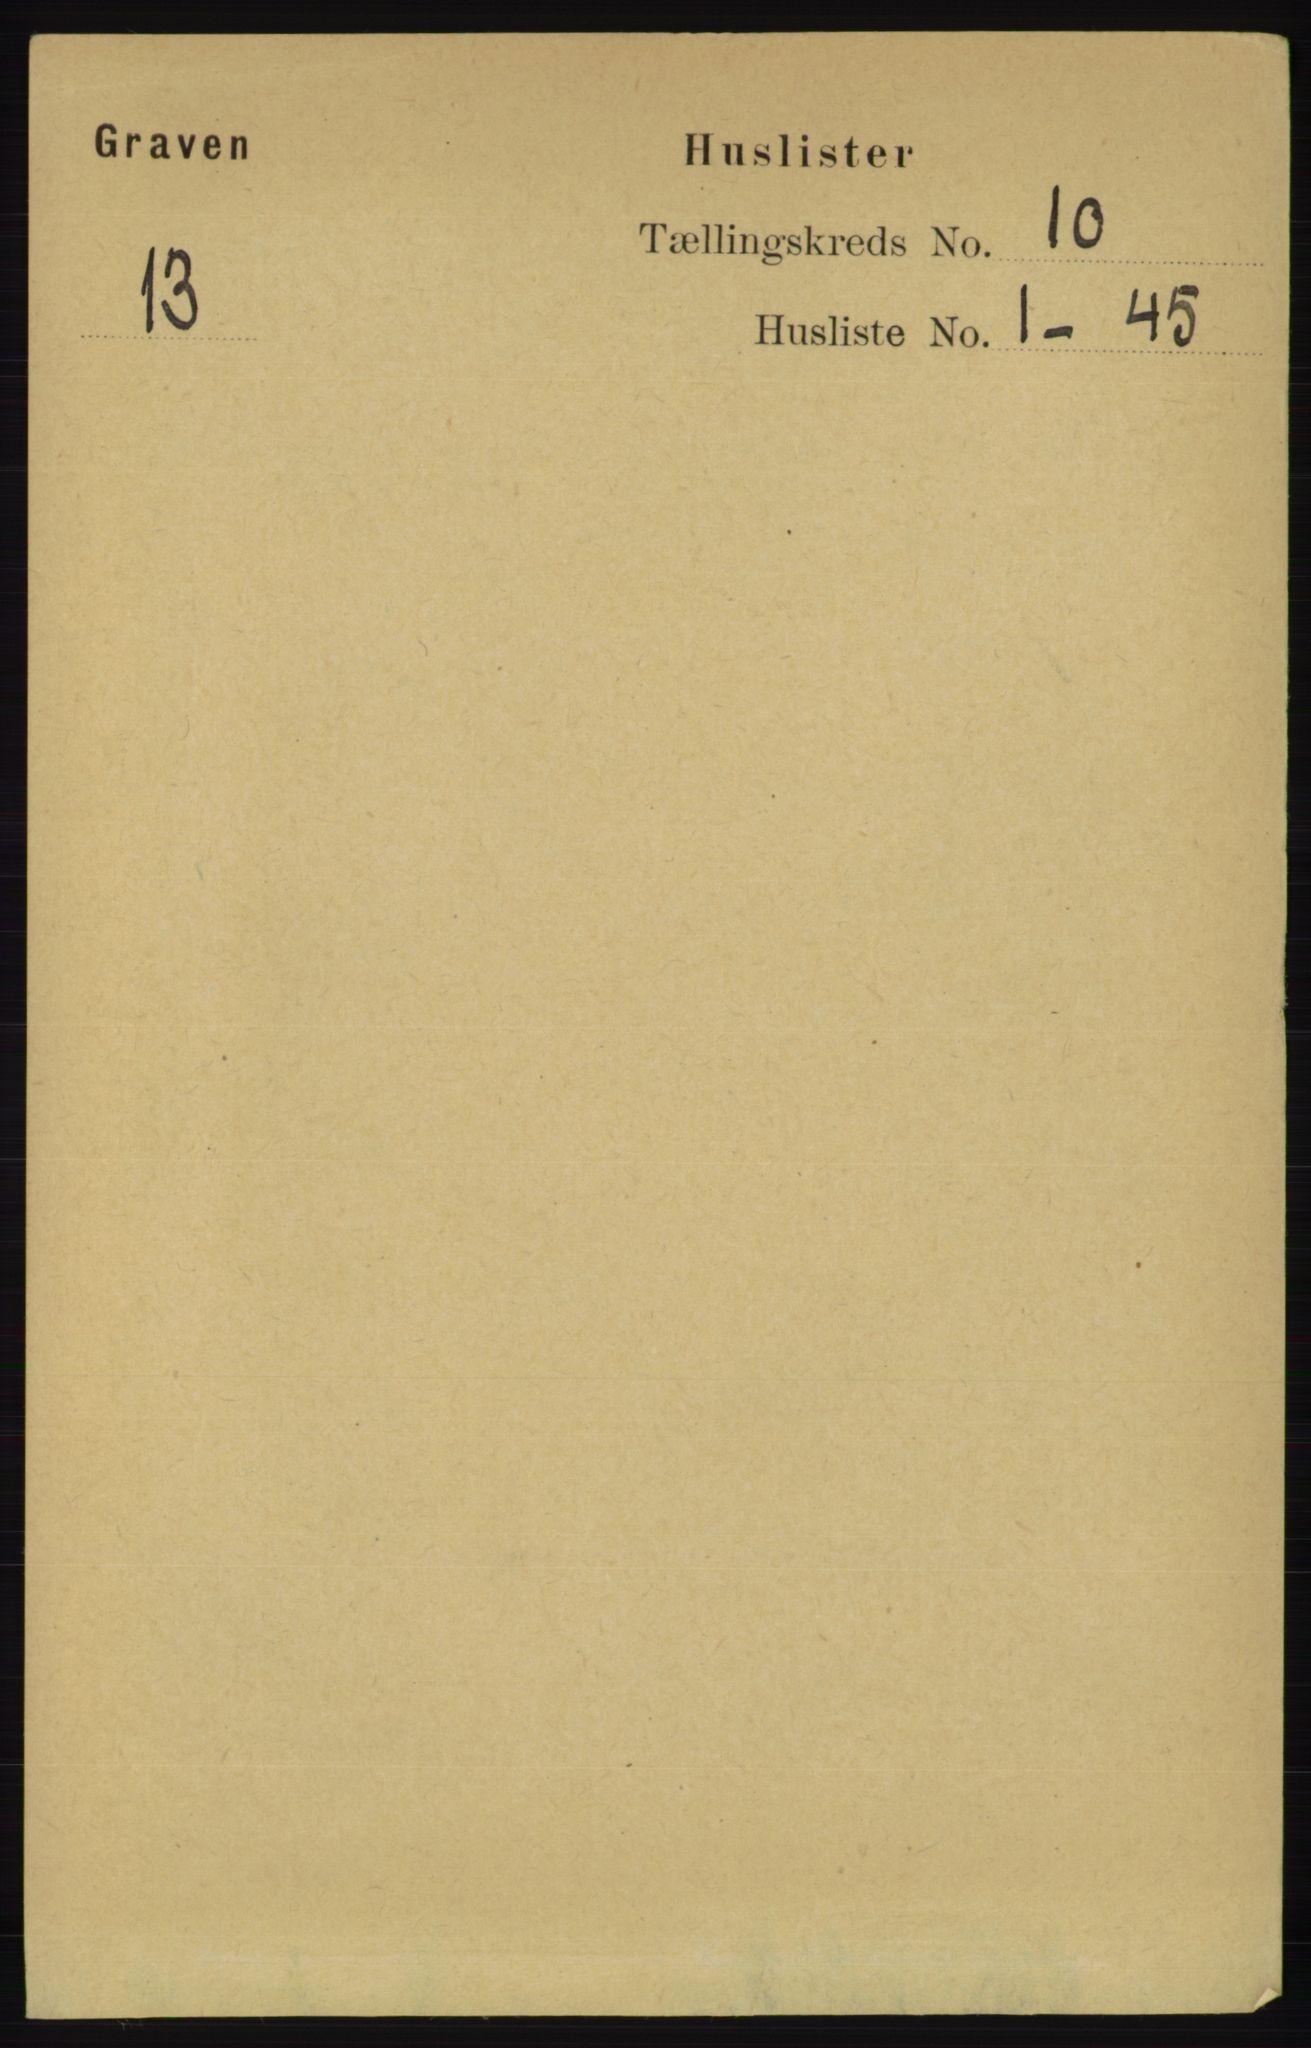 RA, Folketelling 1891 for 1233 Ulvik herred, 1891, s. 3184